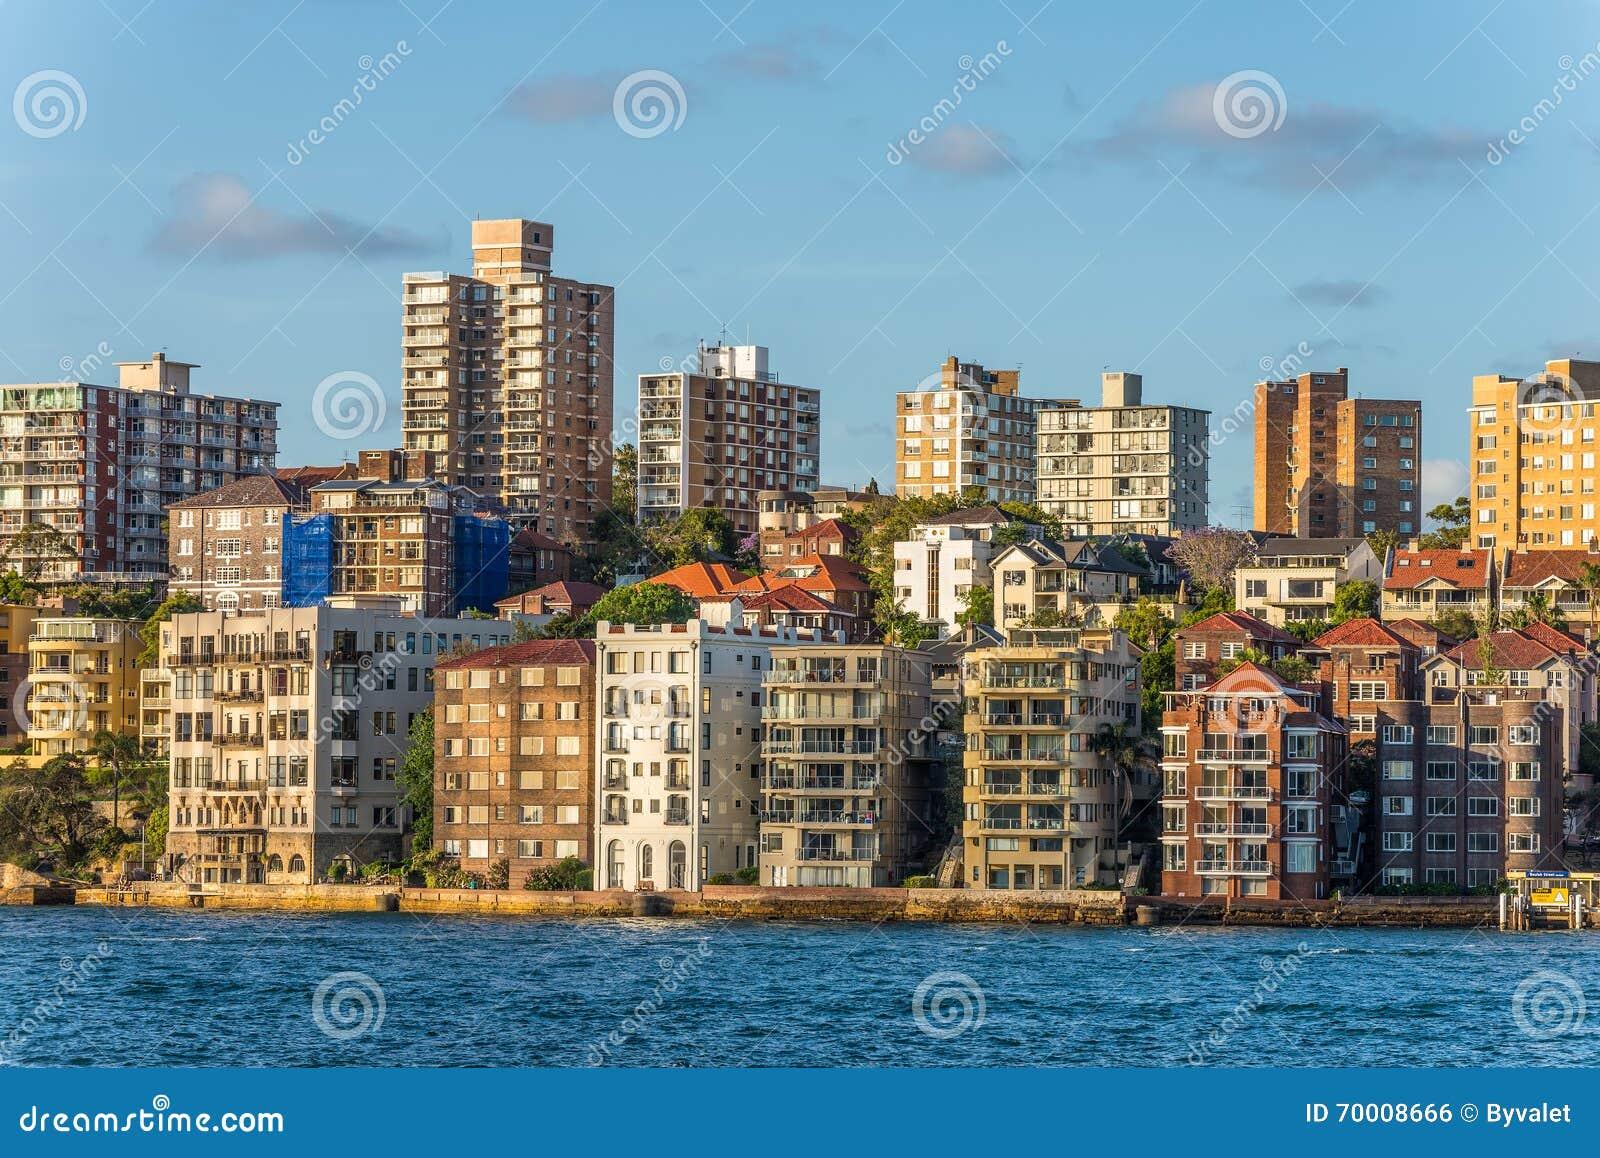 Costa costa de la ciudad, surburb de Kirribilli de Sydney Australia, balneario de la copia